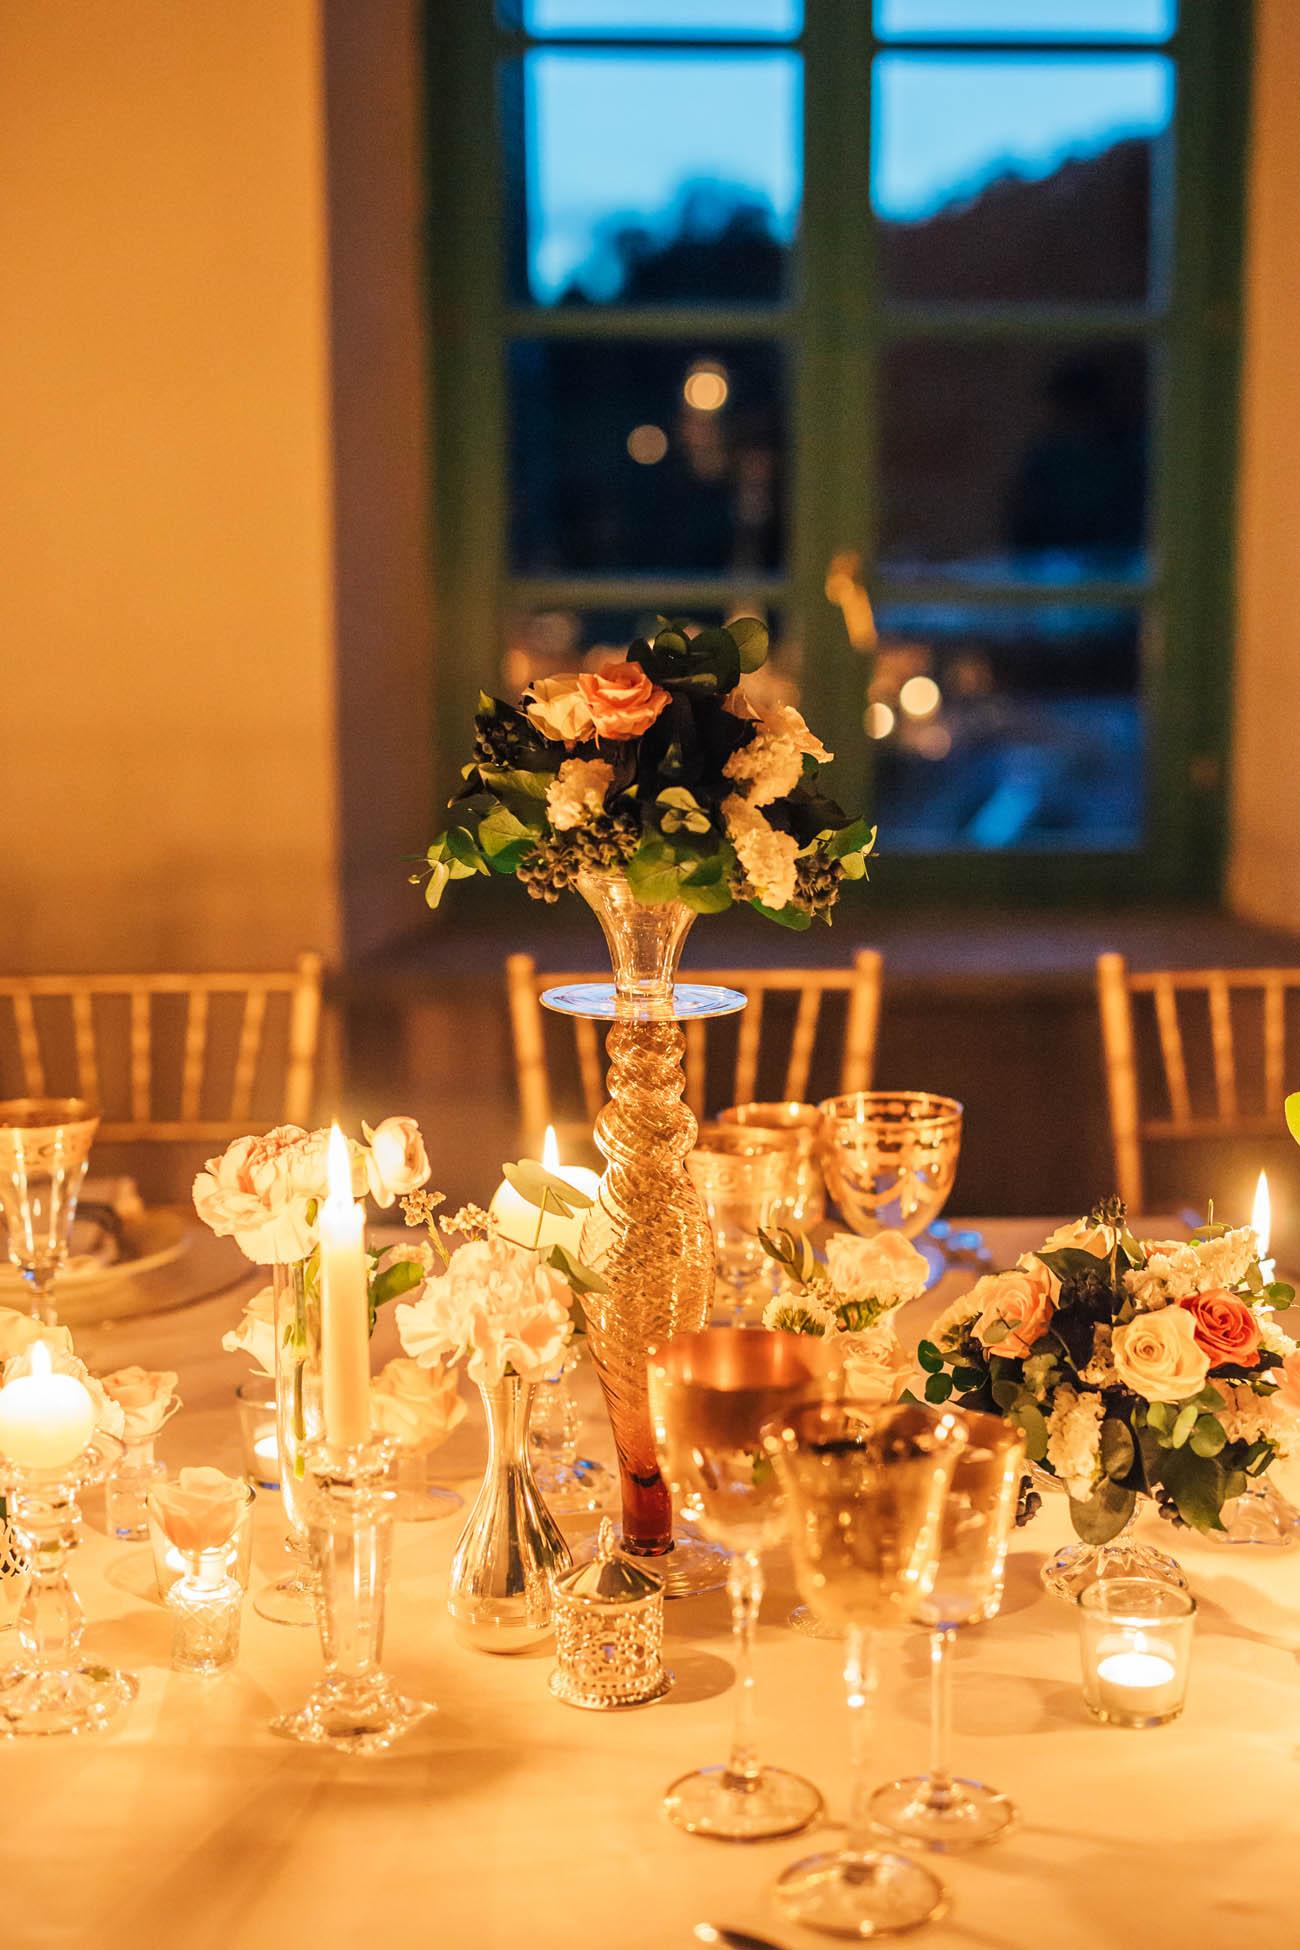 centrotavola con fiori e candele